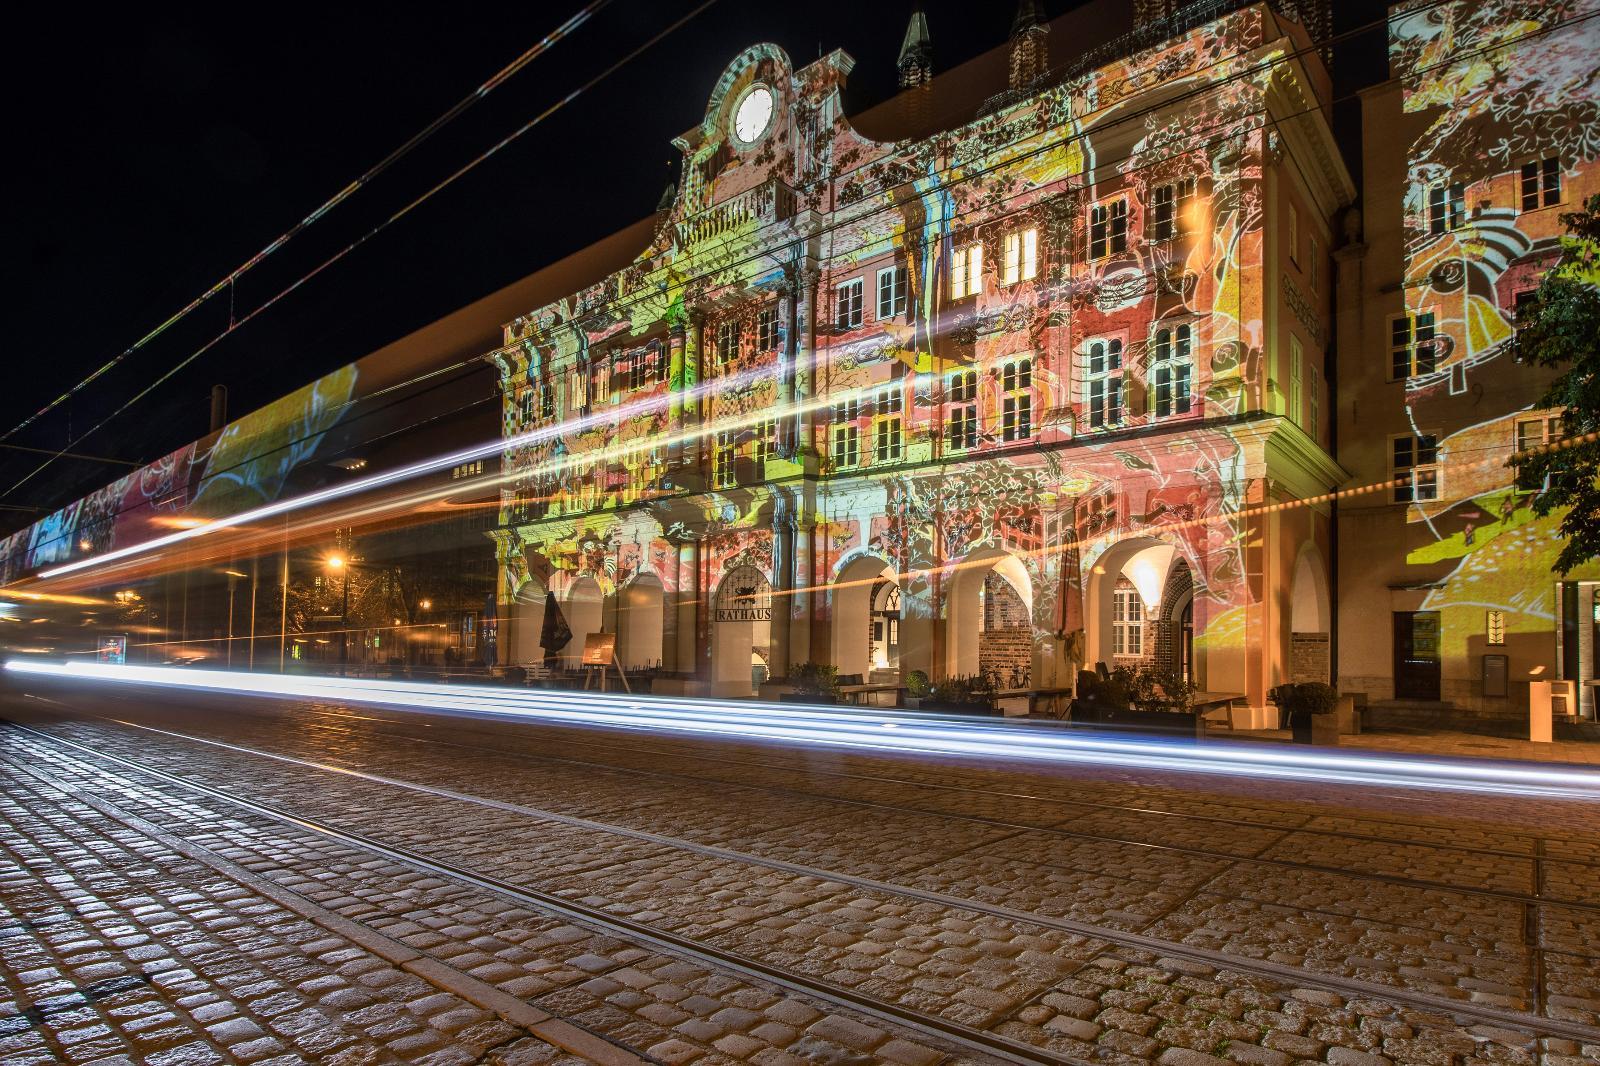 Das Rostocker Rathaus erstrahlte in wechselnden Fassaden.